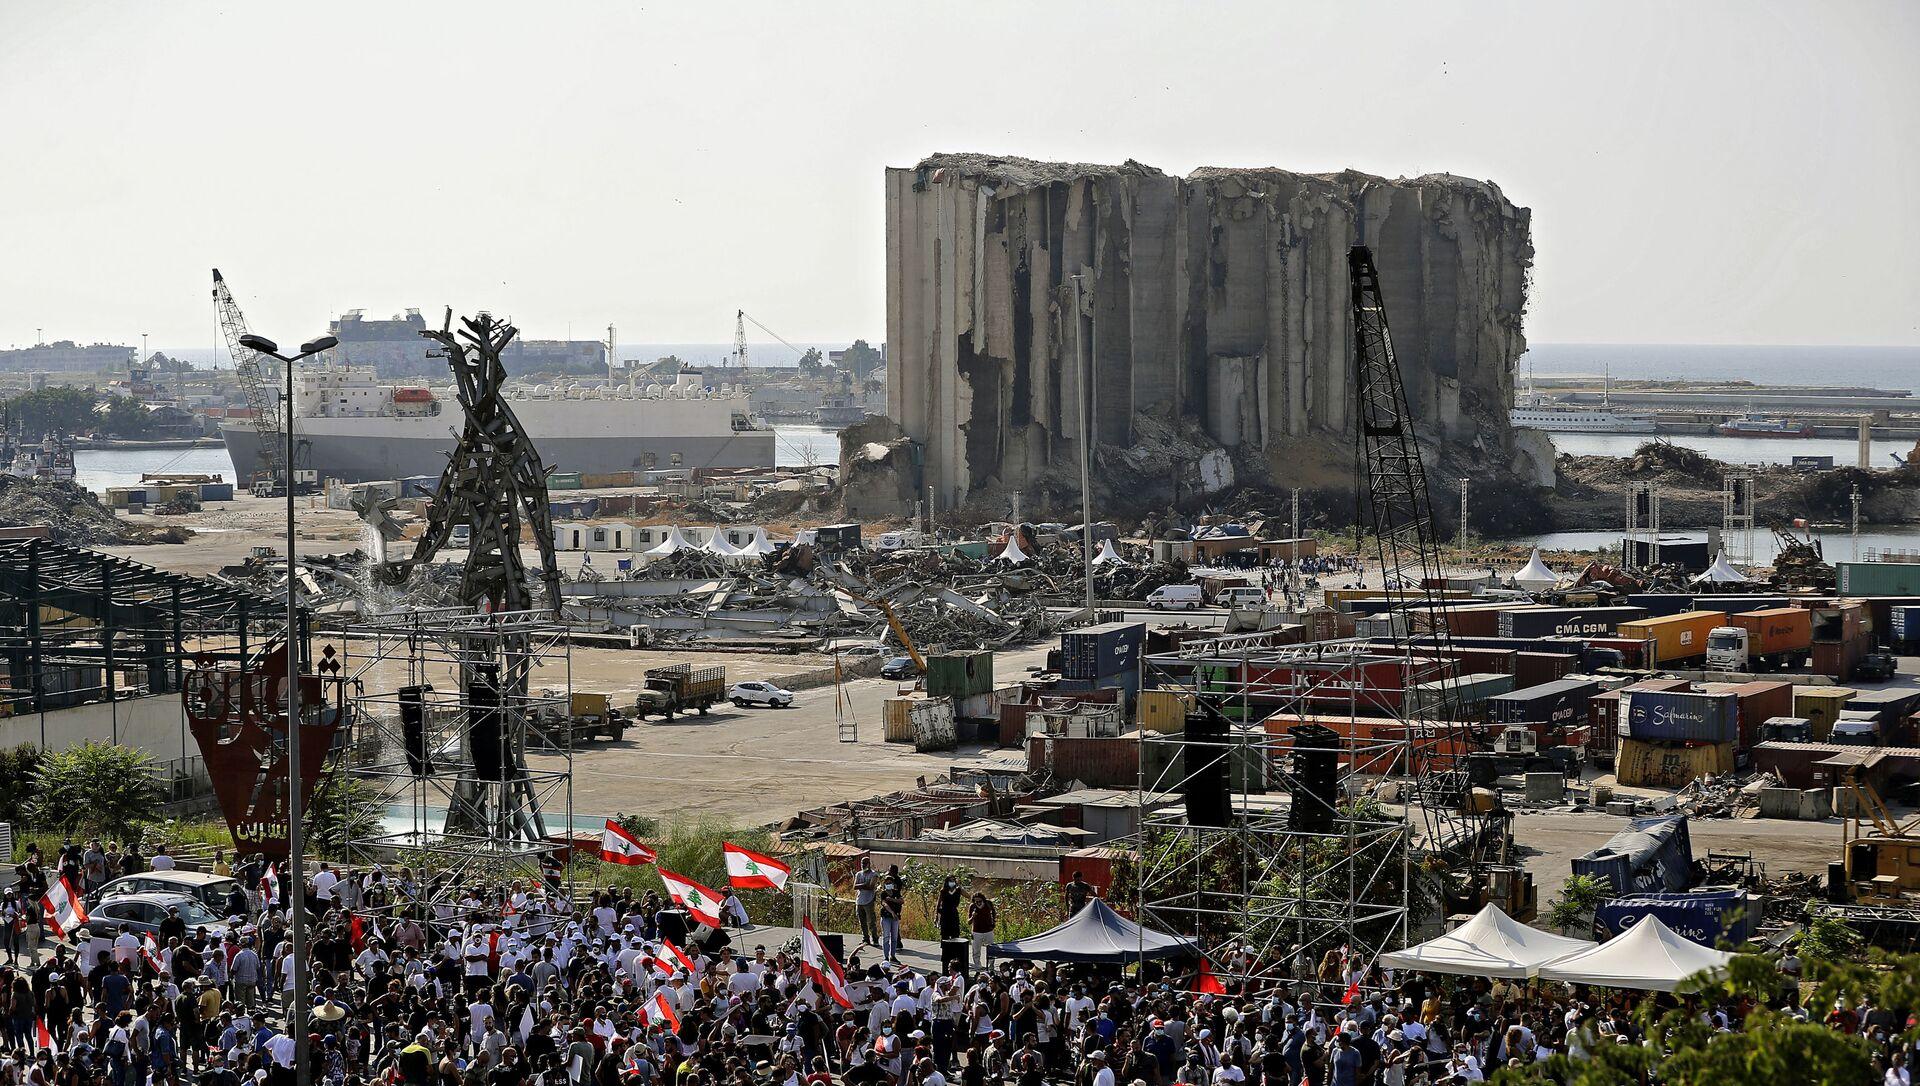 Un an après l'explosion du port de Beyrouth  - Sputnik France, 1920, 04.08.2021